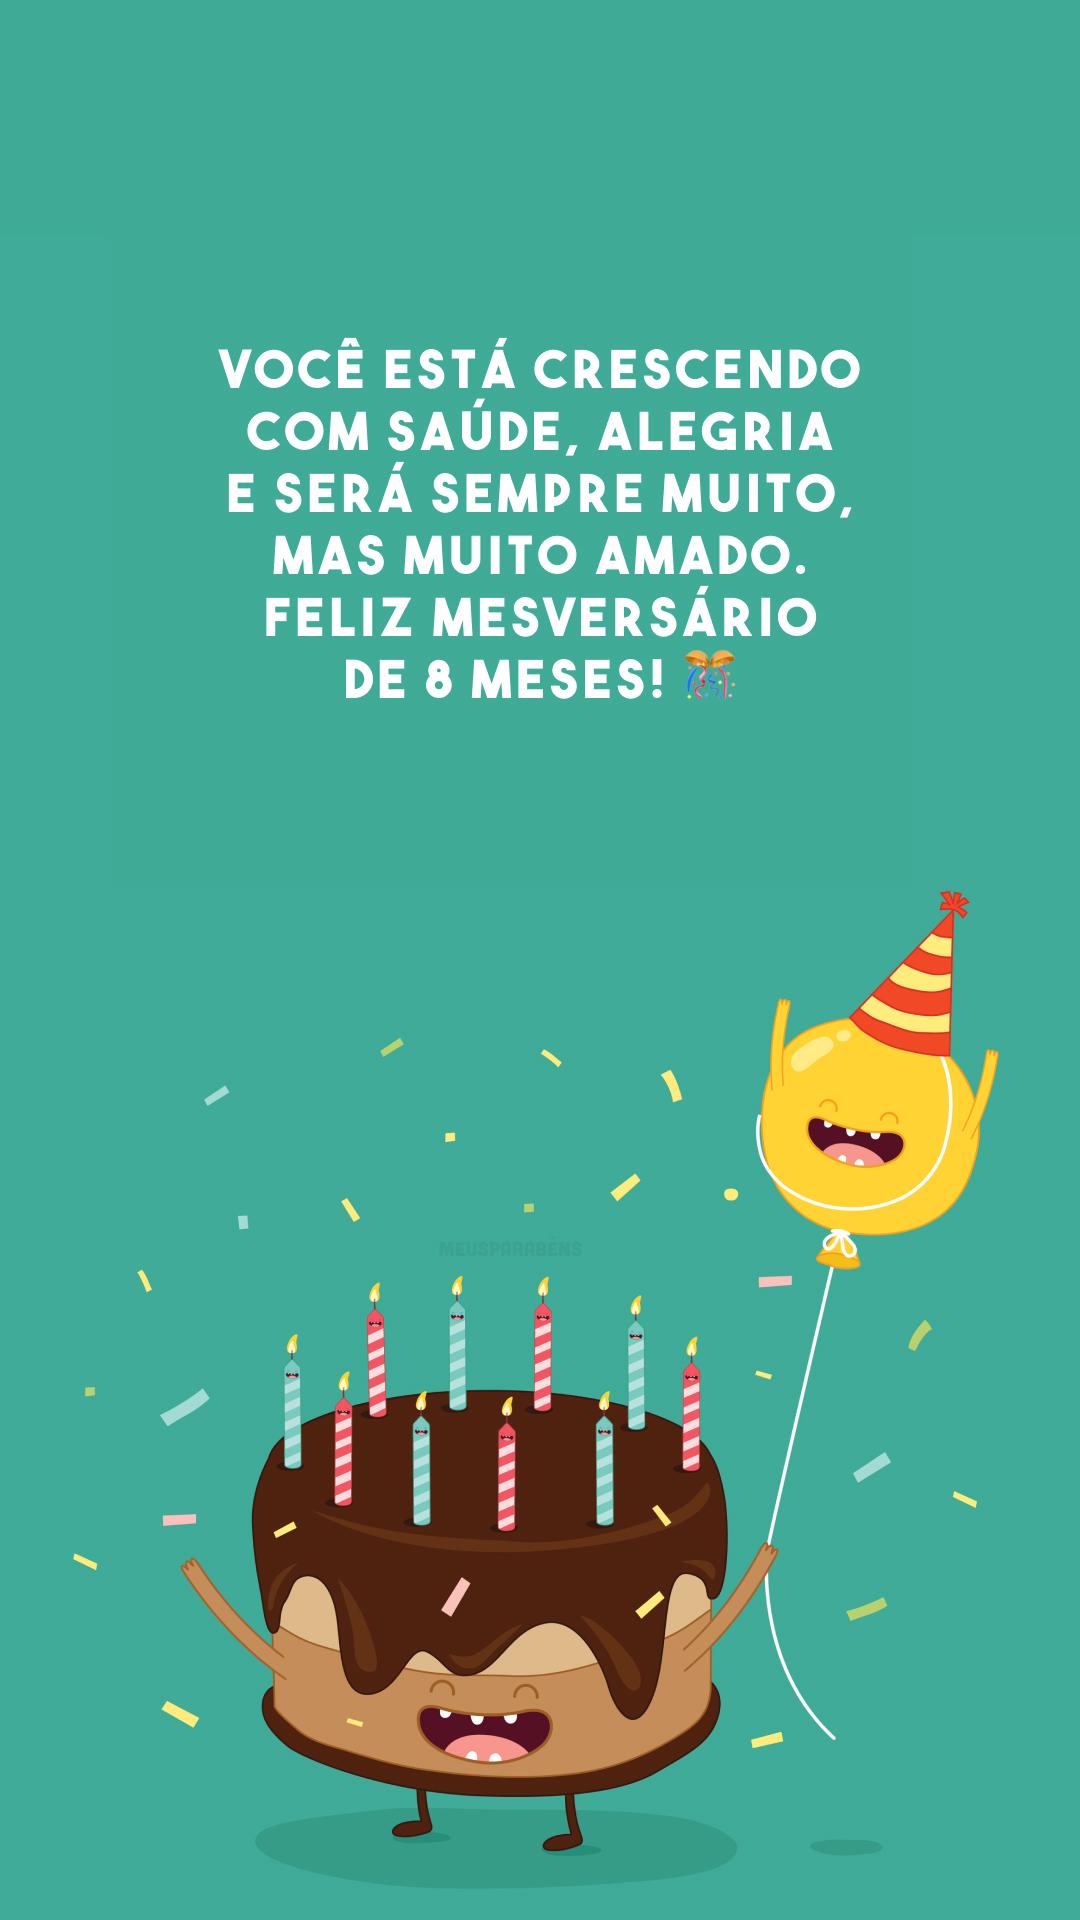 Você está crescendo com saúde, alegria e será sempre muito, mas muito amado. Feliz mesversário de 8 meses! 🎊